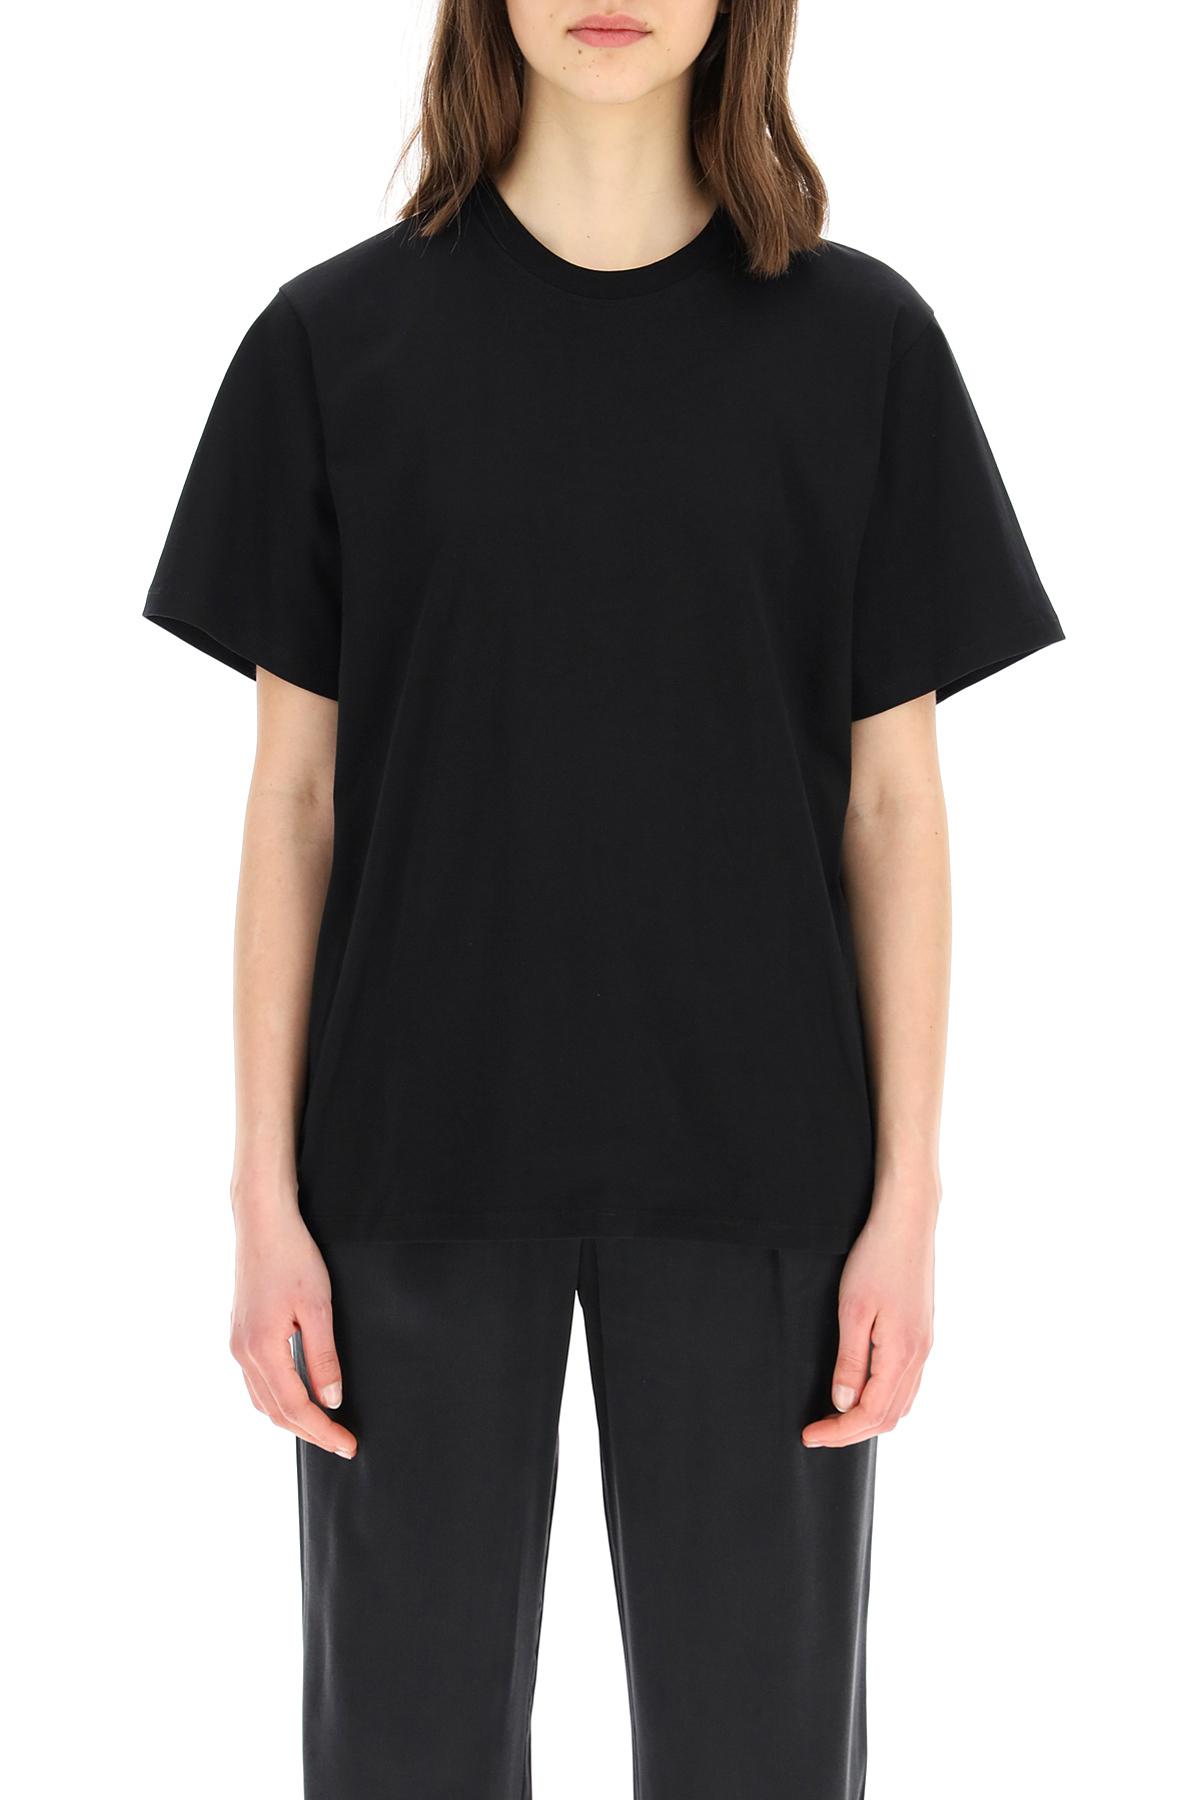 Loulou studio t-shirt arbori